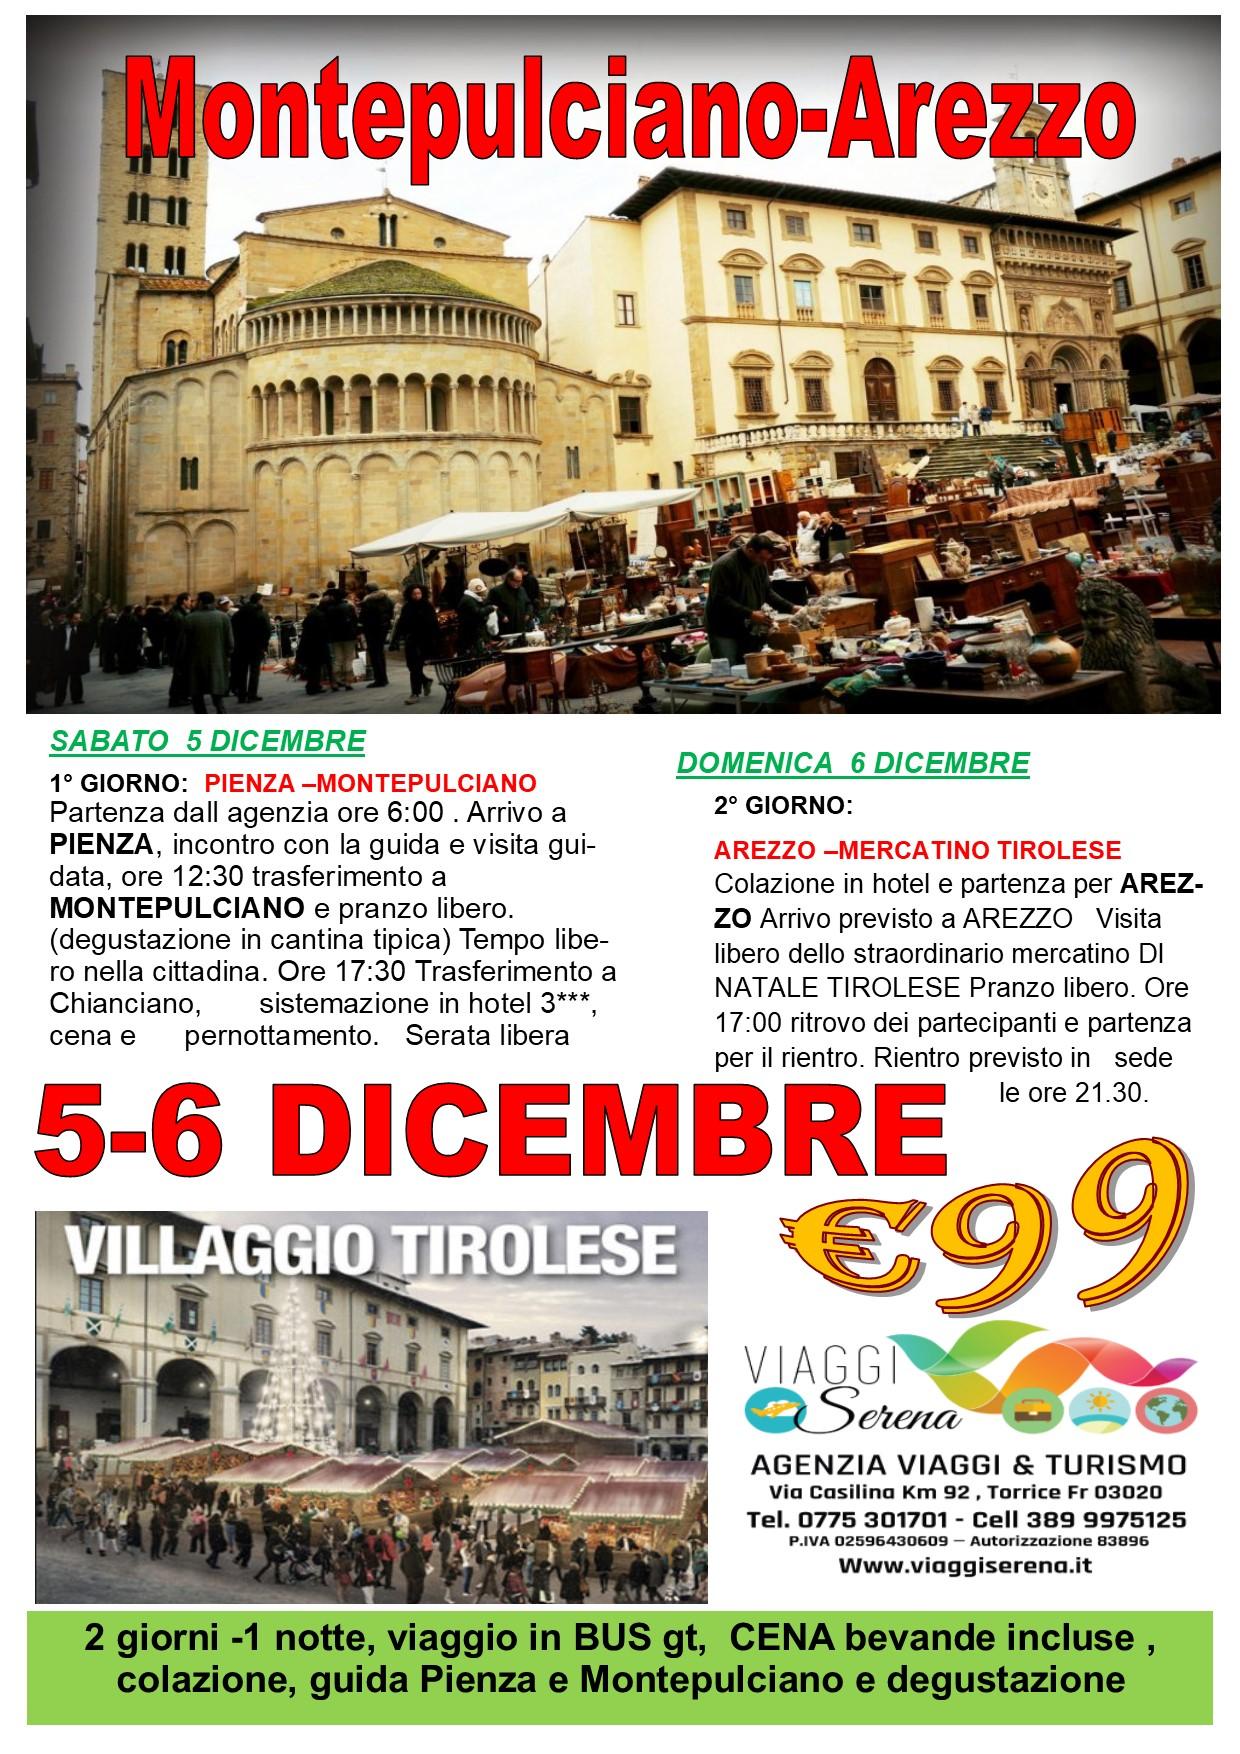 """Viaggi di Natale:  Montepulciano, Pienza & Arezzo """"mercatino tirolese"""" 5-6 Dicembre  € 99,00"""